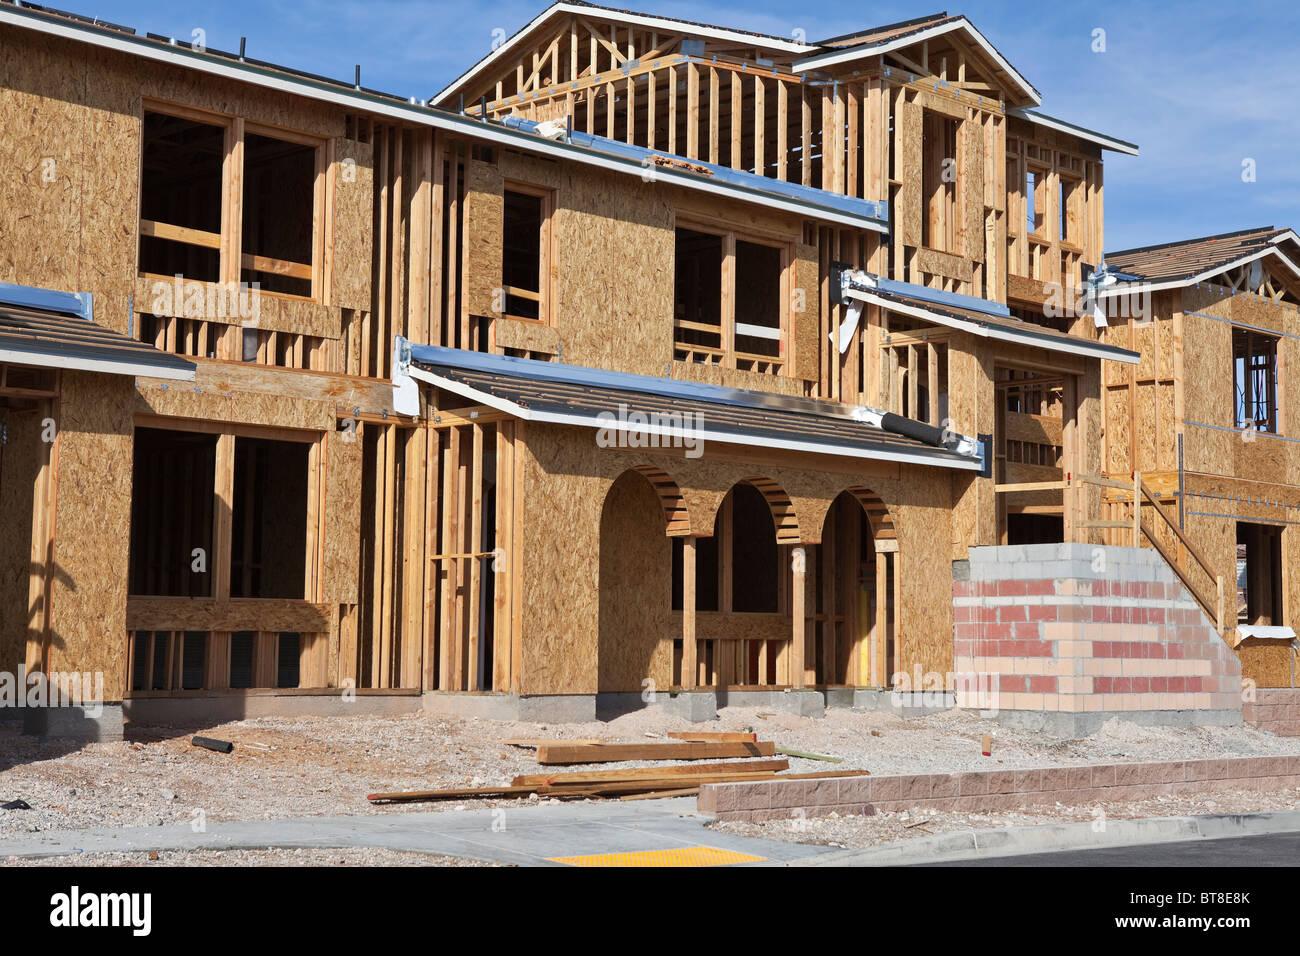 Solidamente construída casa moderna construção no oeste dos Estados Unidos. Imagens de Stock